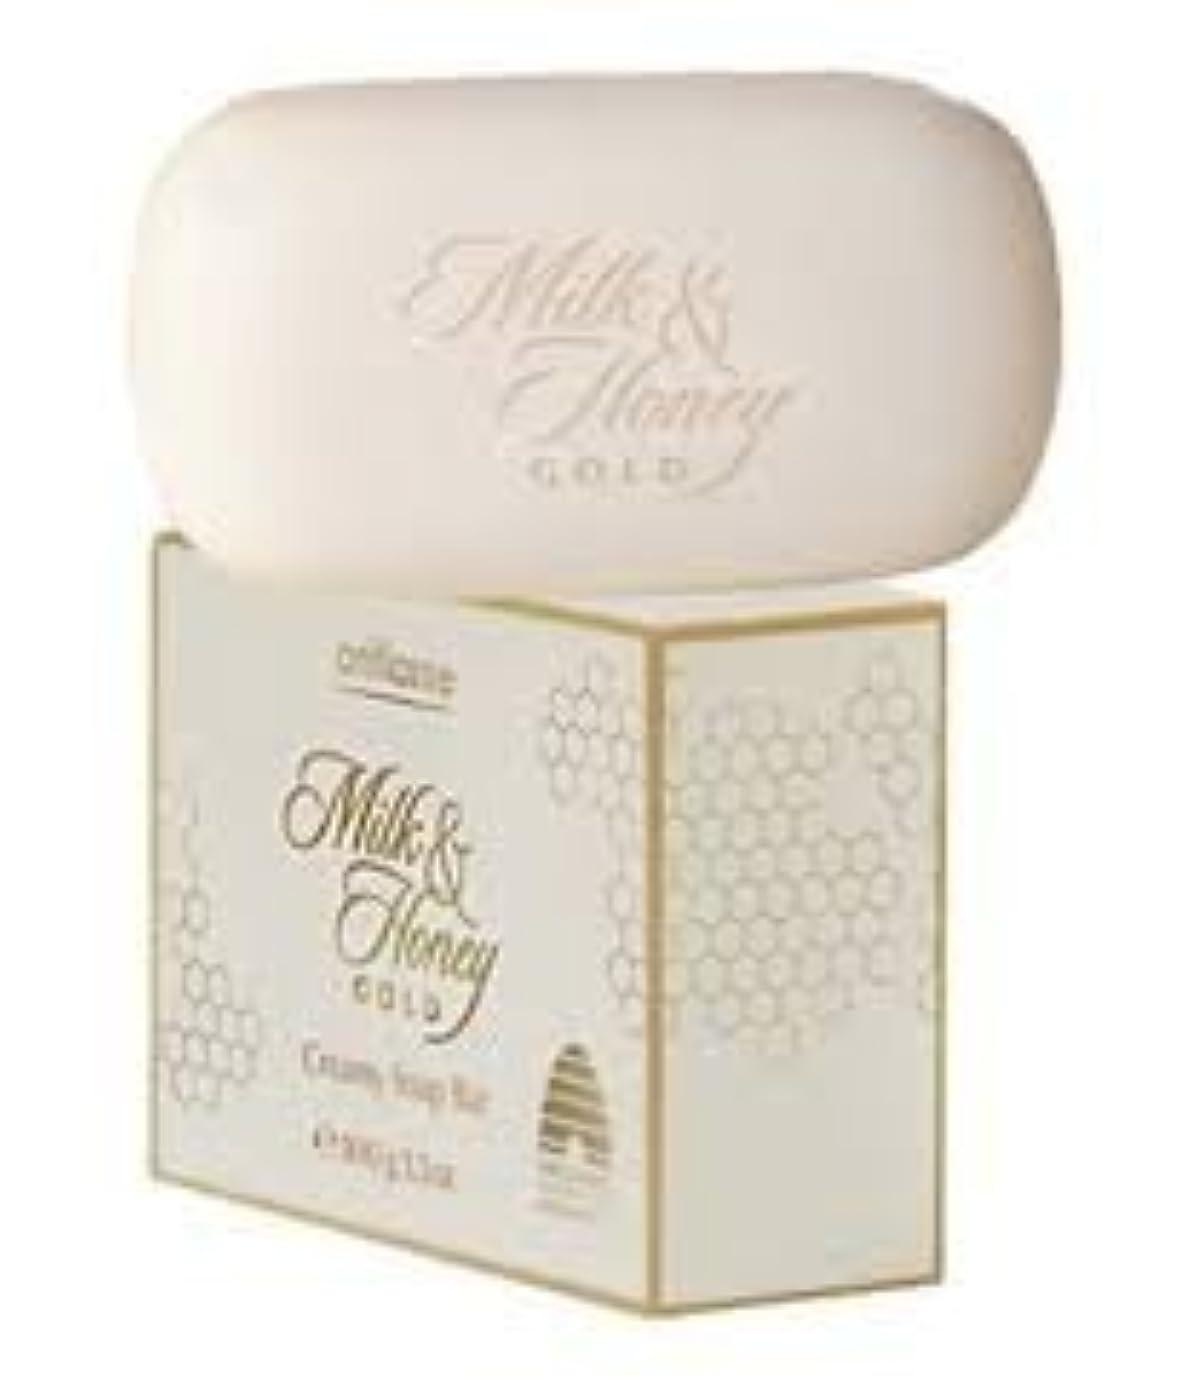 メニュー豪華な追記Oriflame Milk & Honeyゴールドクリーミーソープバー100 g